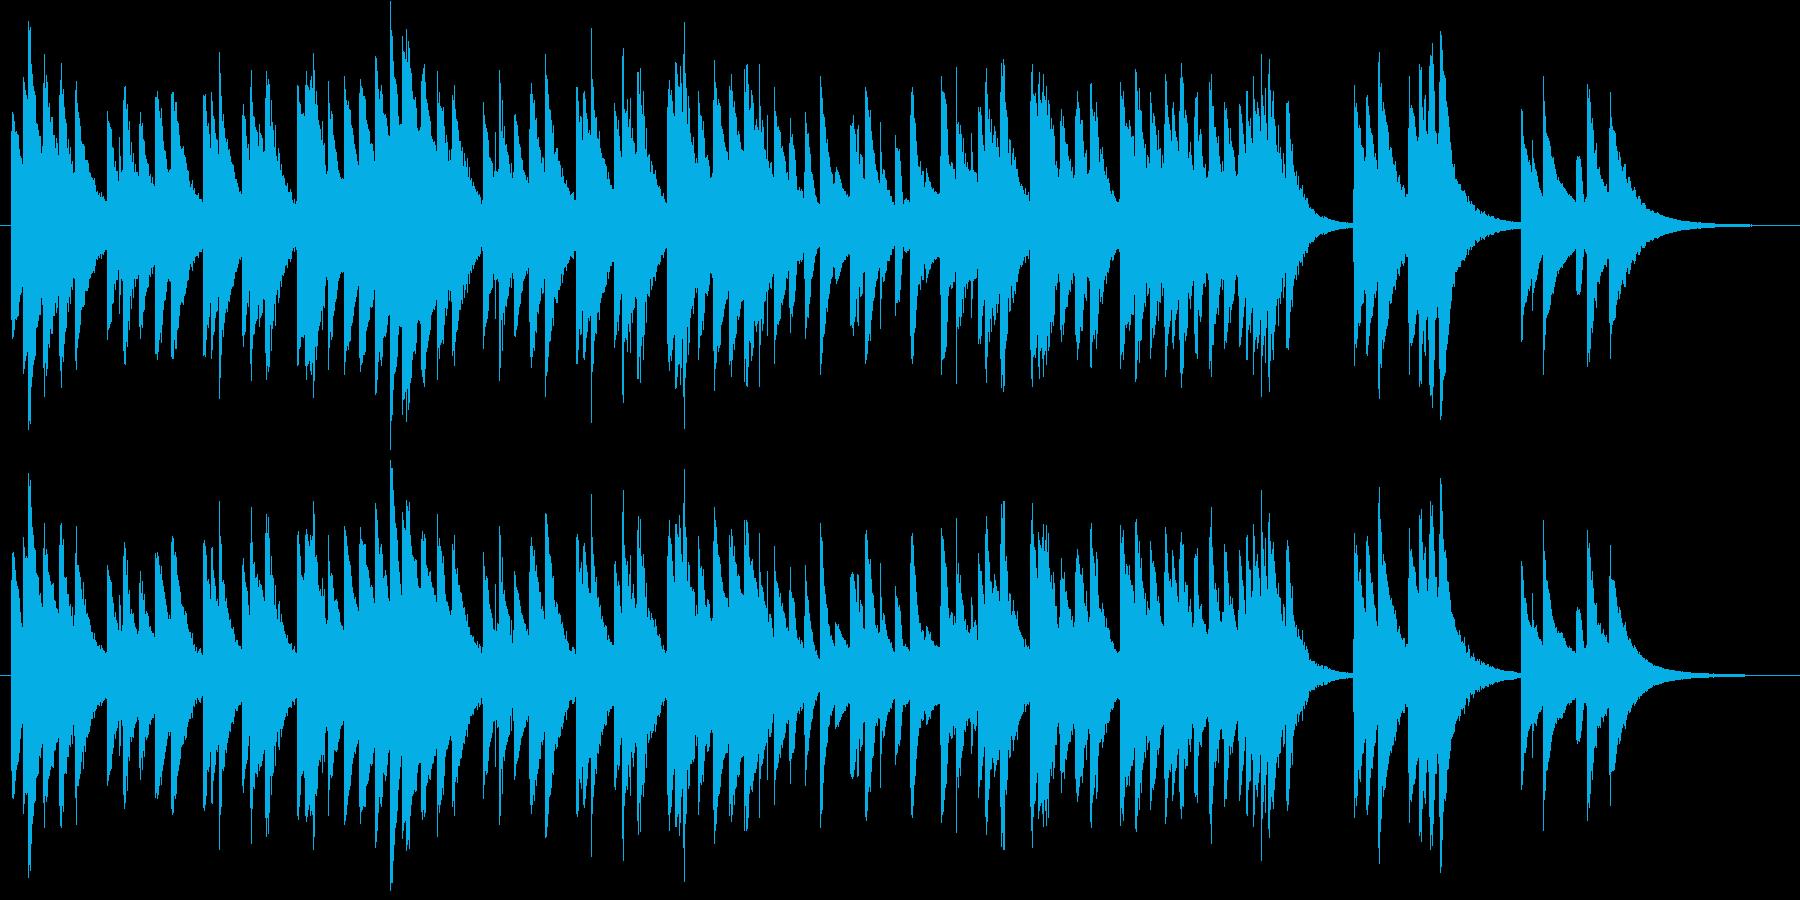 アメリカ国歌 星条旗のオルゴールの再生済みの波形